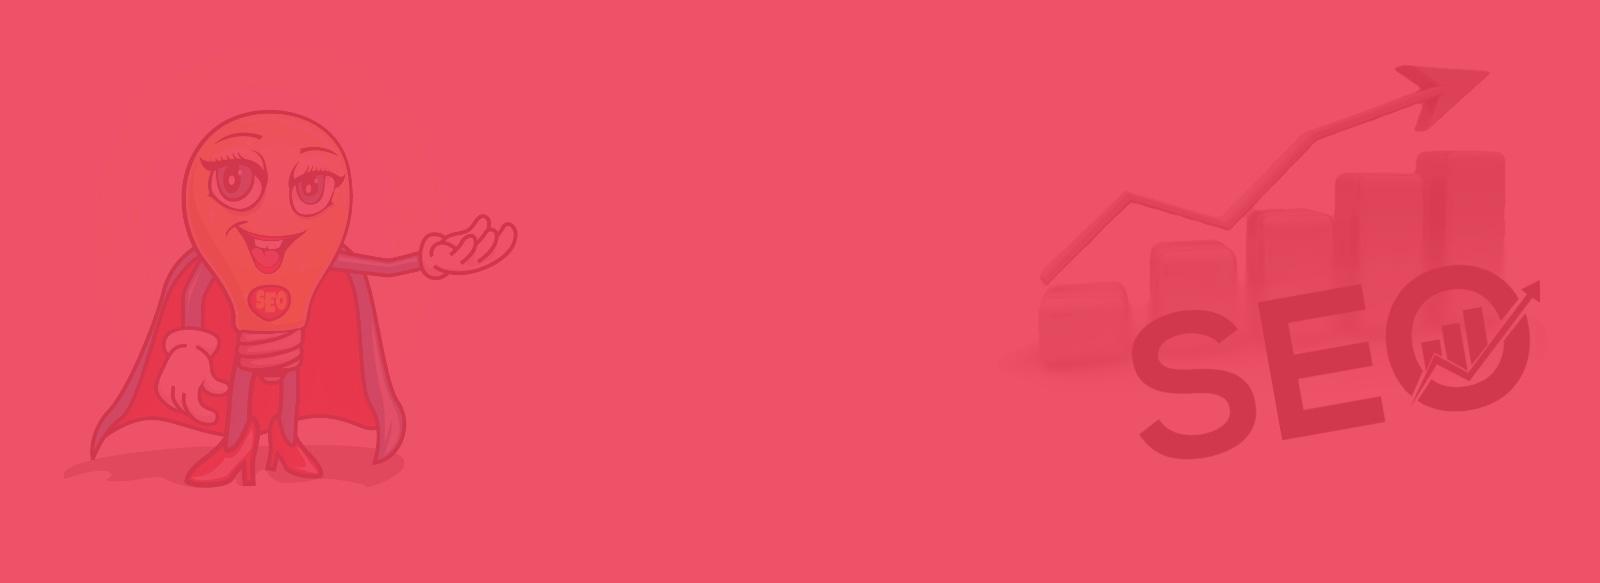 """En maskott henviser til en graf med en pil som peker oppover og skriften """"SEO"""".Bildet er delvis bort i et slør av rødt som dekker hele flaten."""